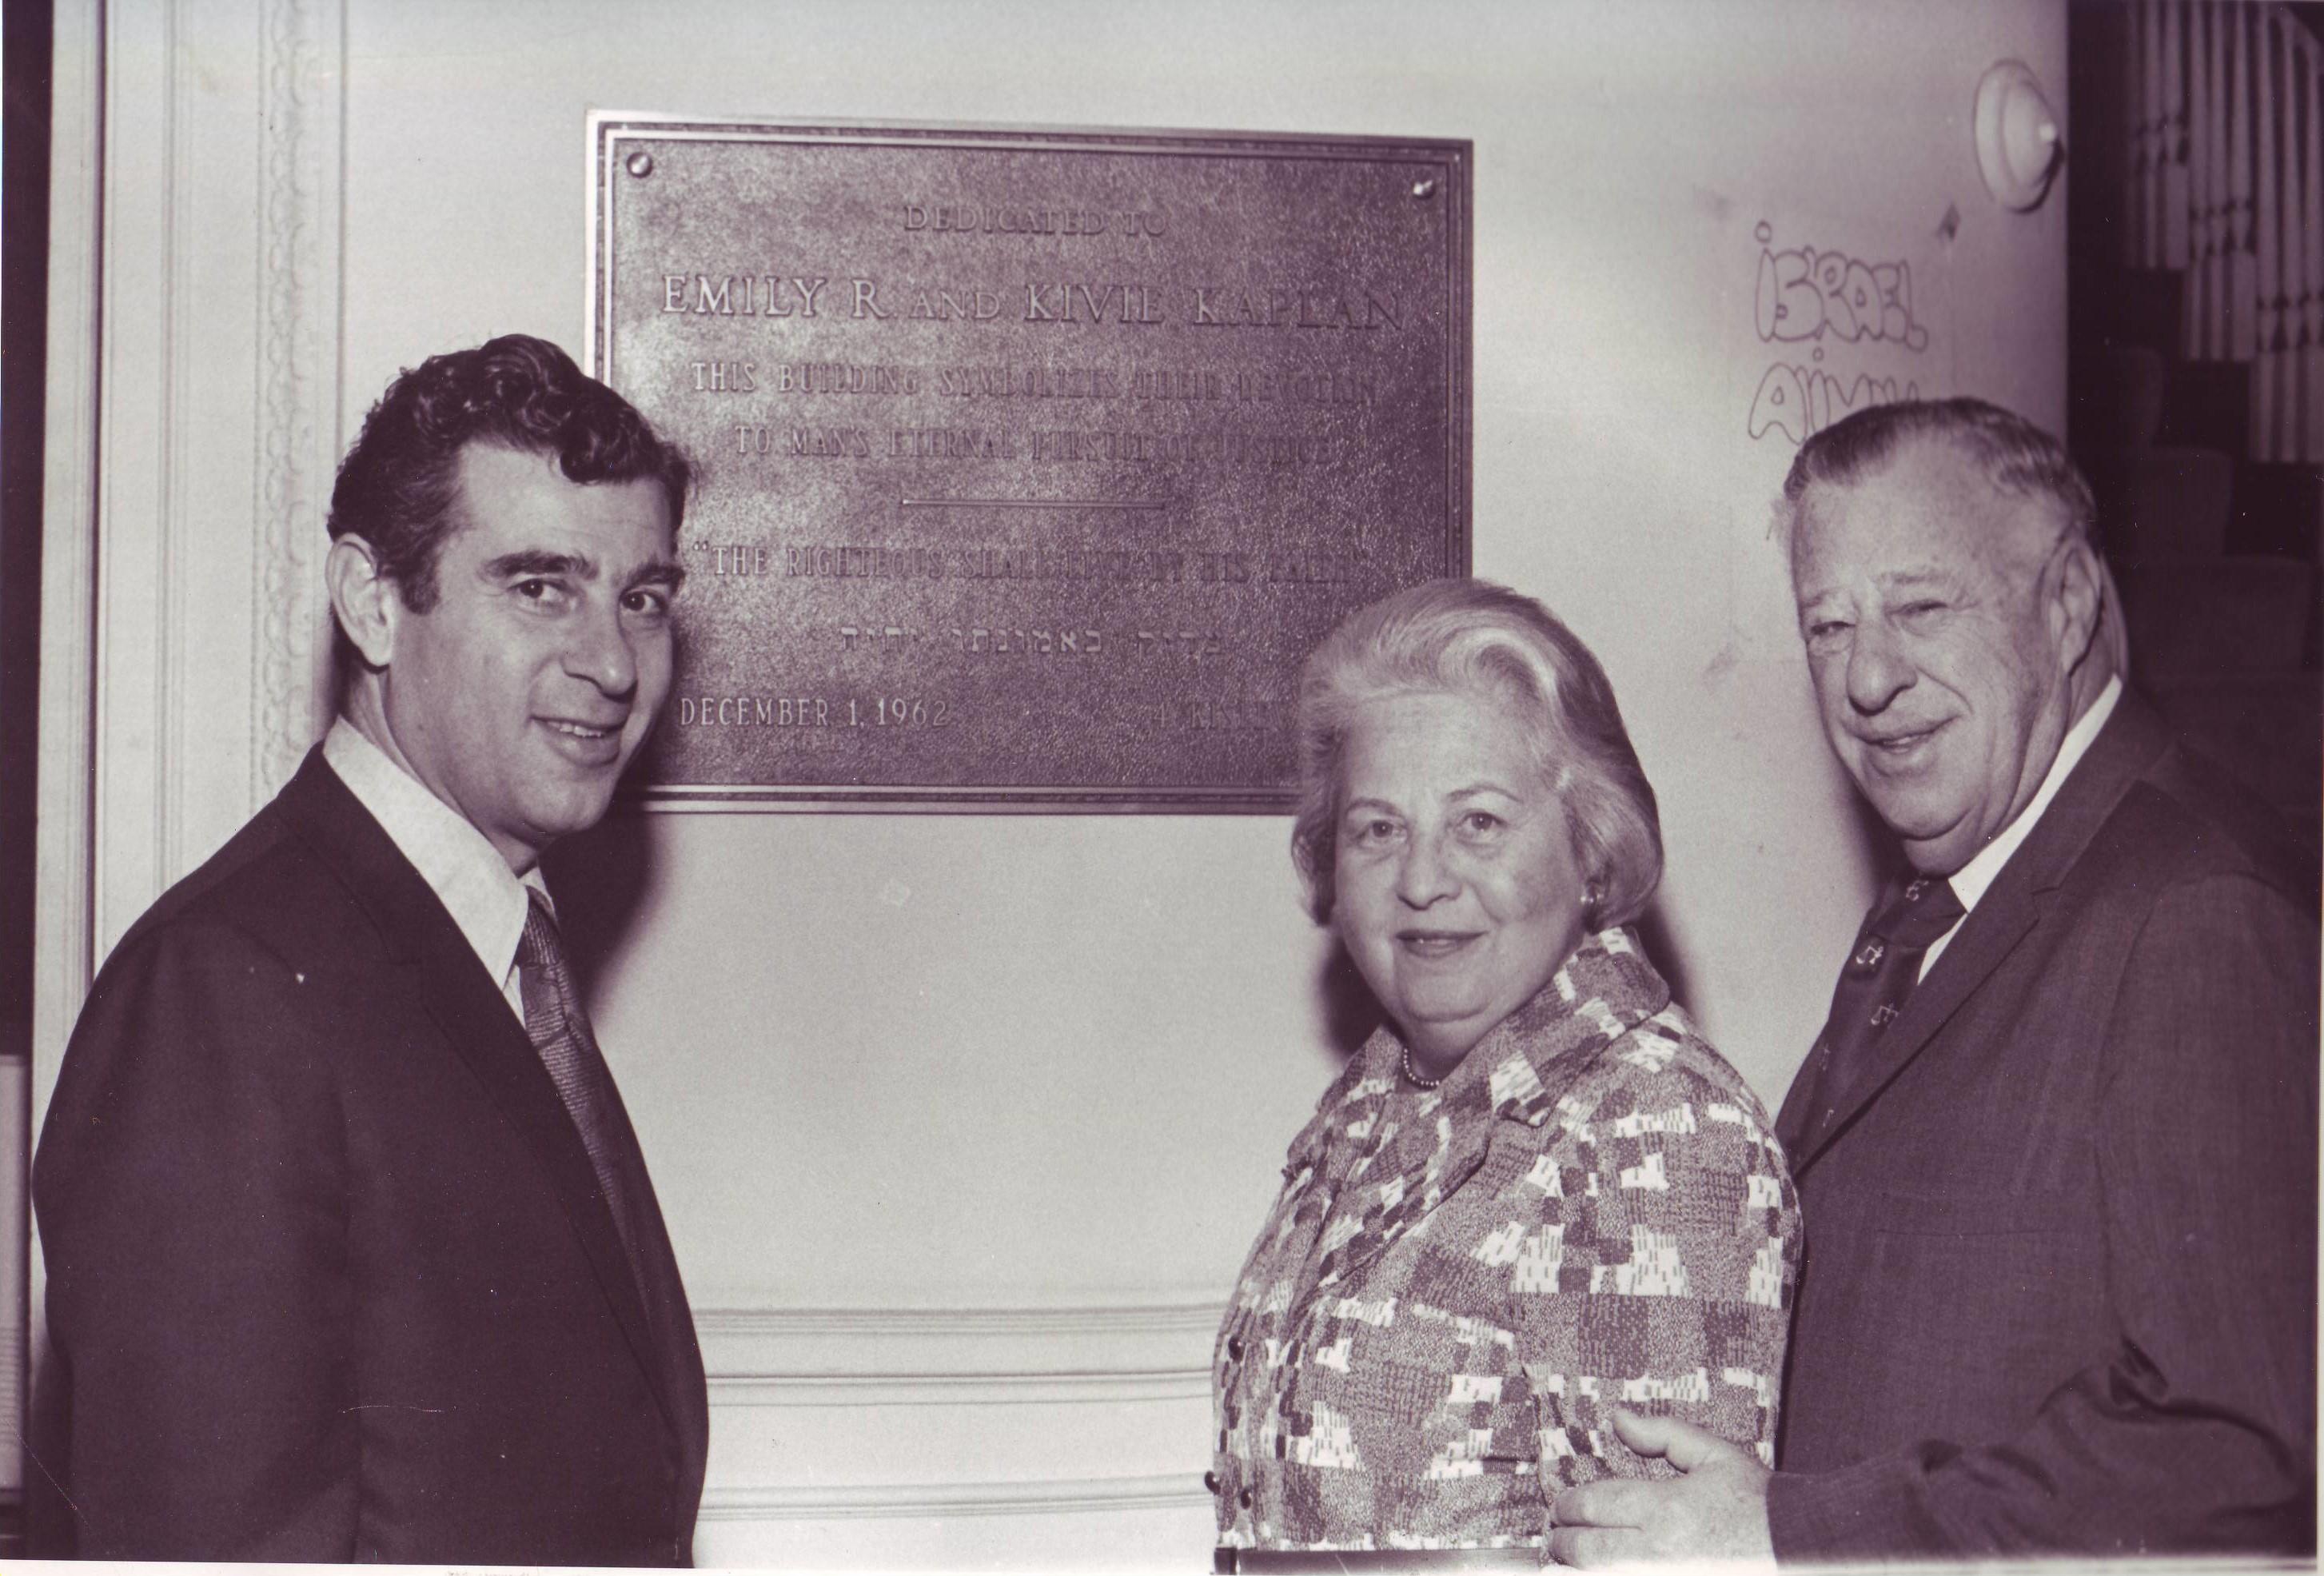 Rabbi Richard G. Hirsch, Kivie Kaplan and Emily Kaplan at the RAC